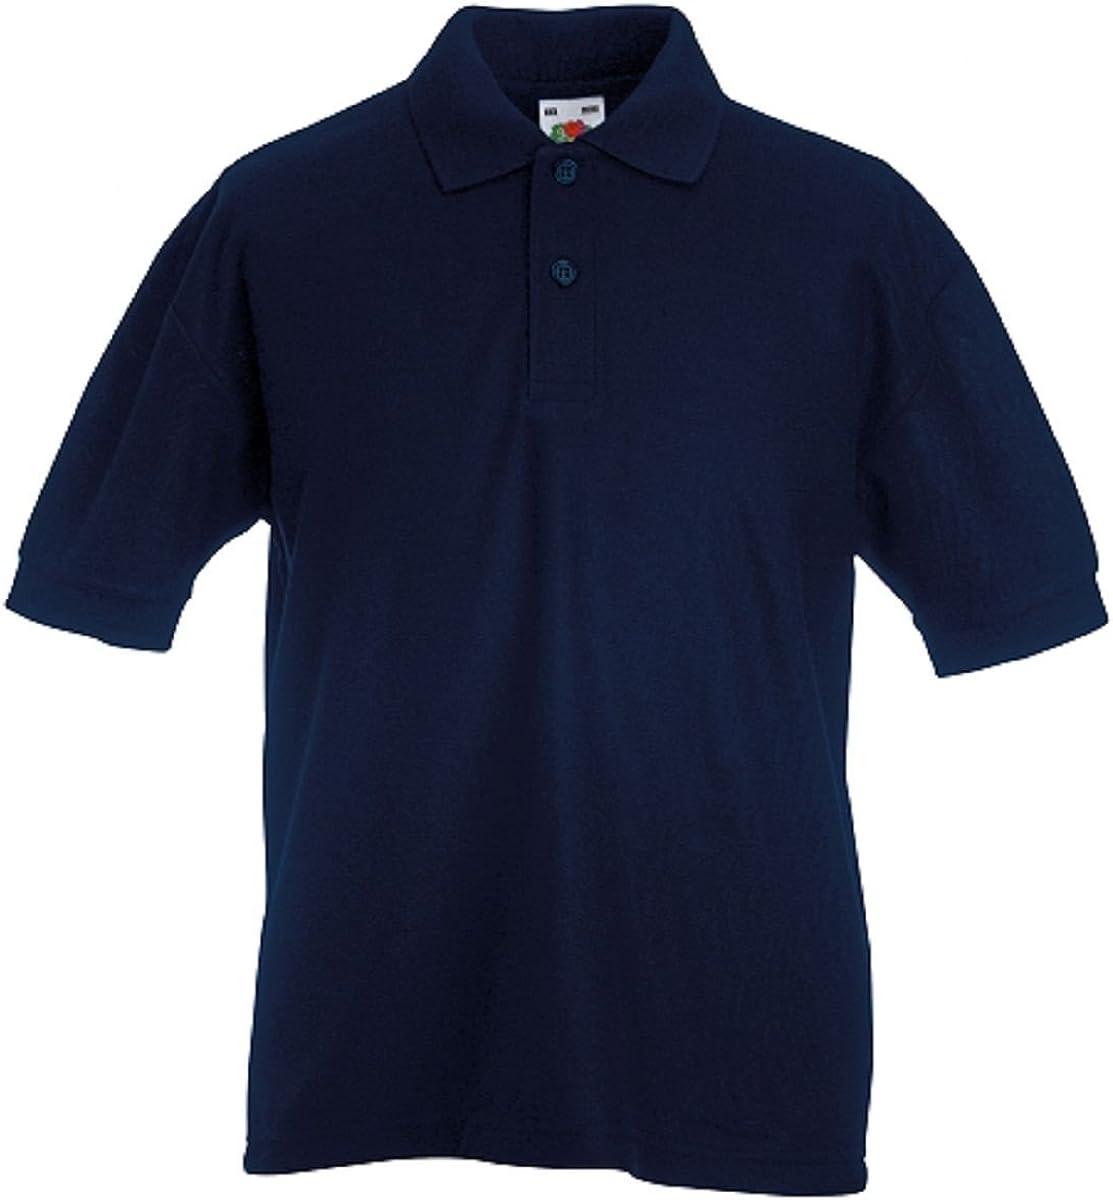 Fruit of the Loom Pique Polo - Camiseta para niño 3 Pack Deep Navy. 9-11 Años: Amazon.es: Ropa y accesorios